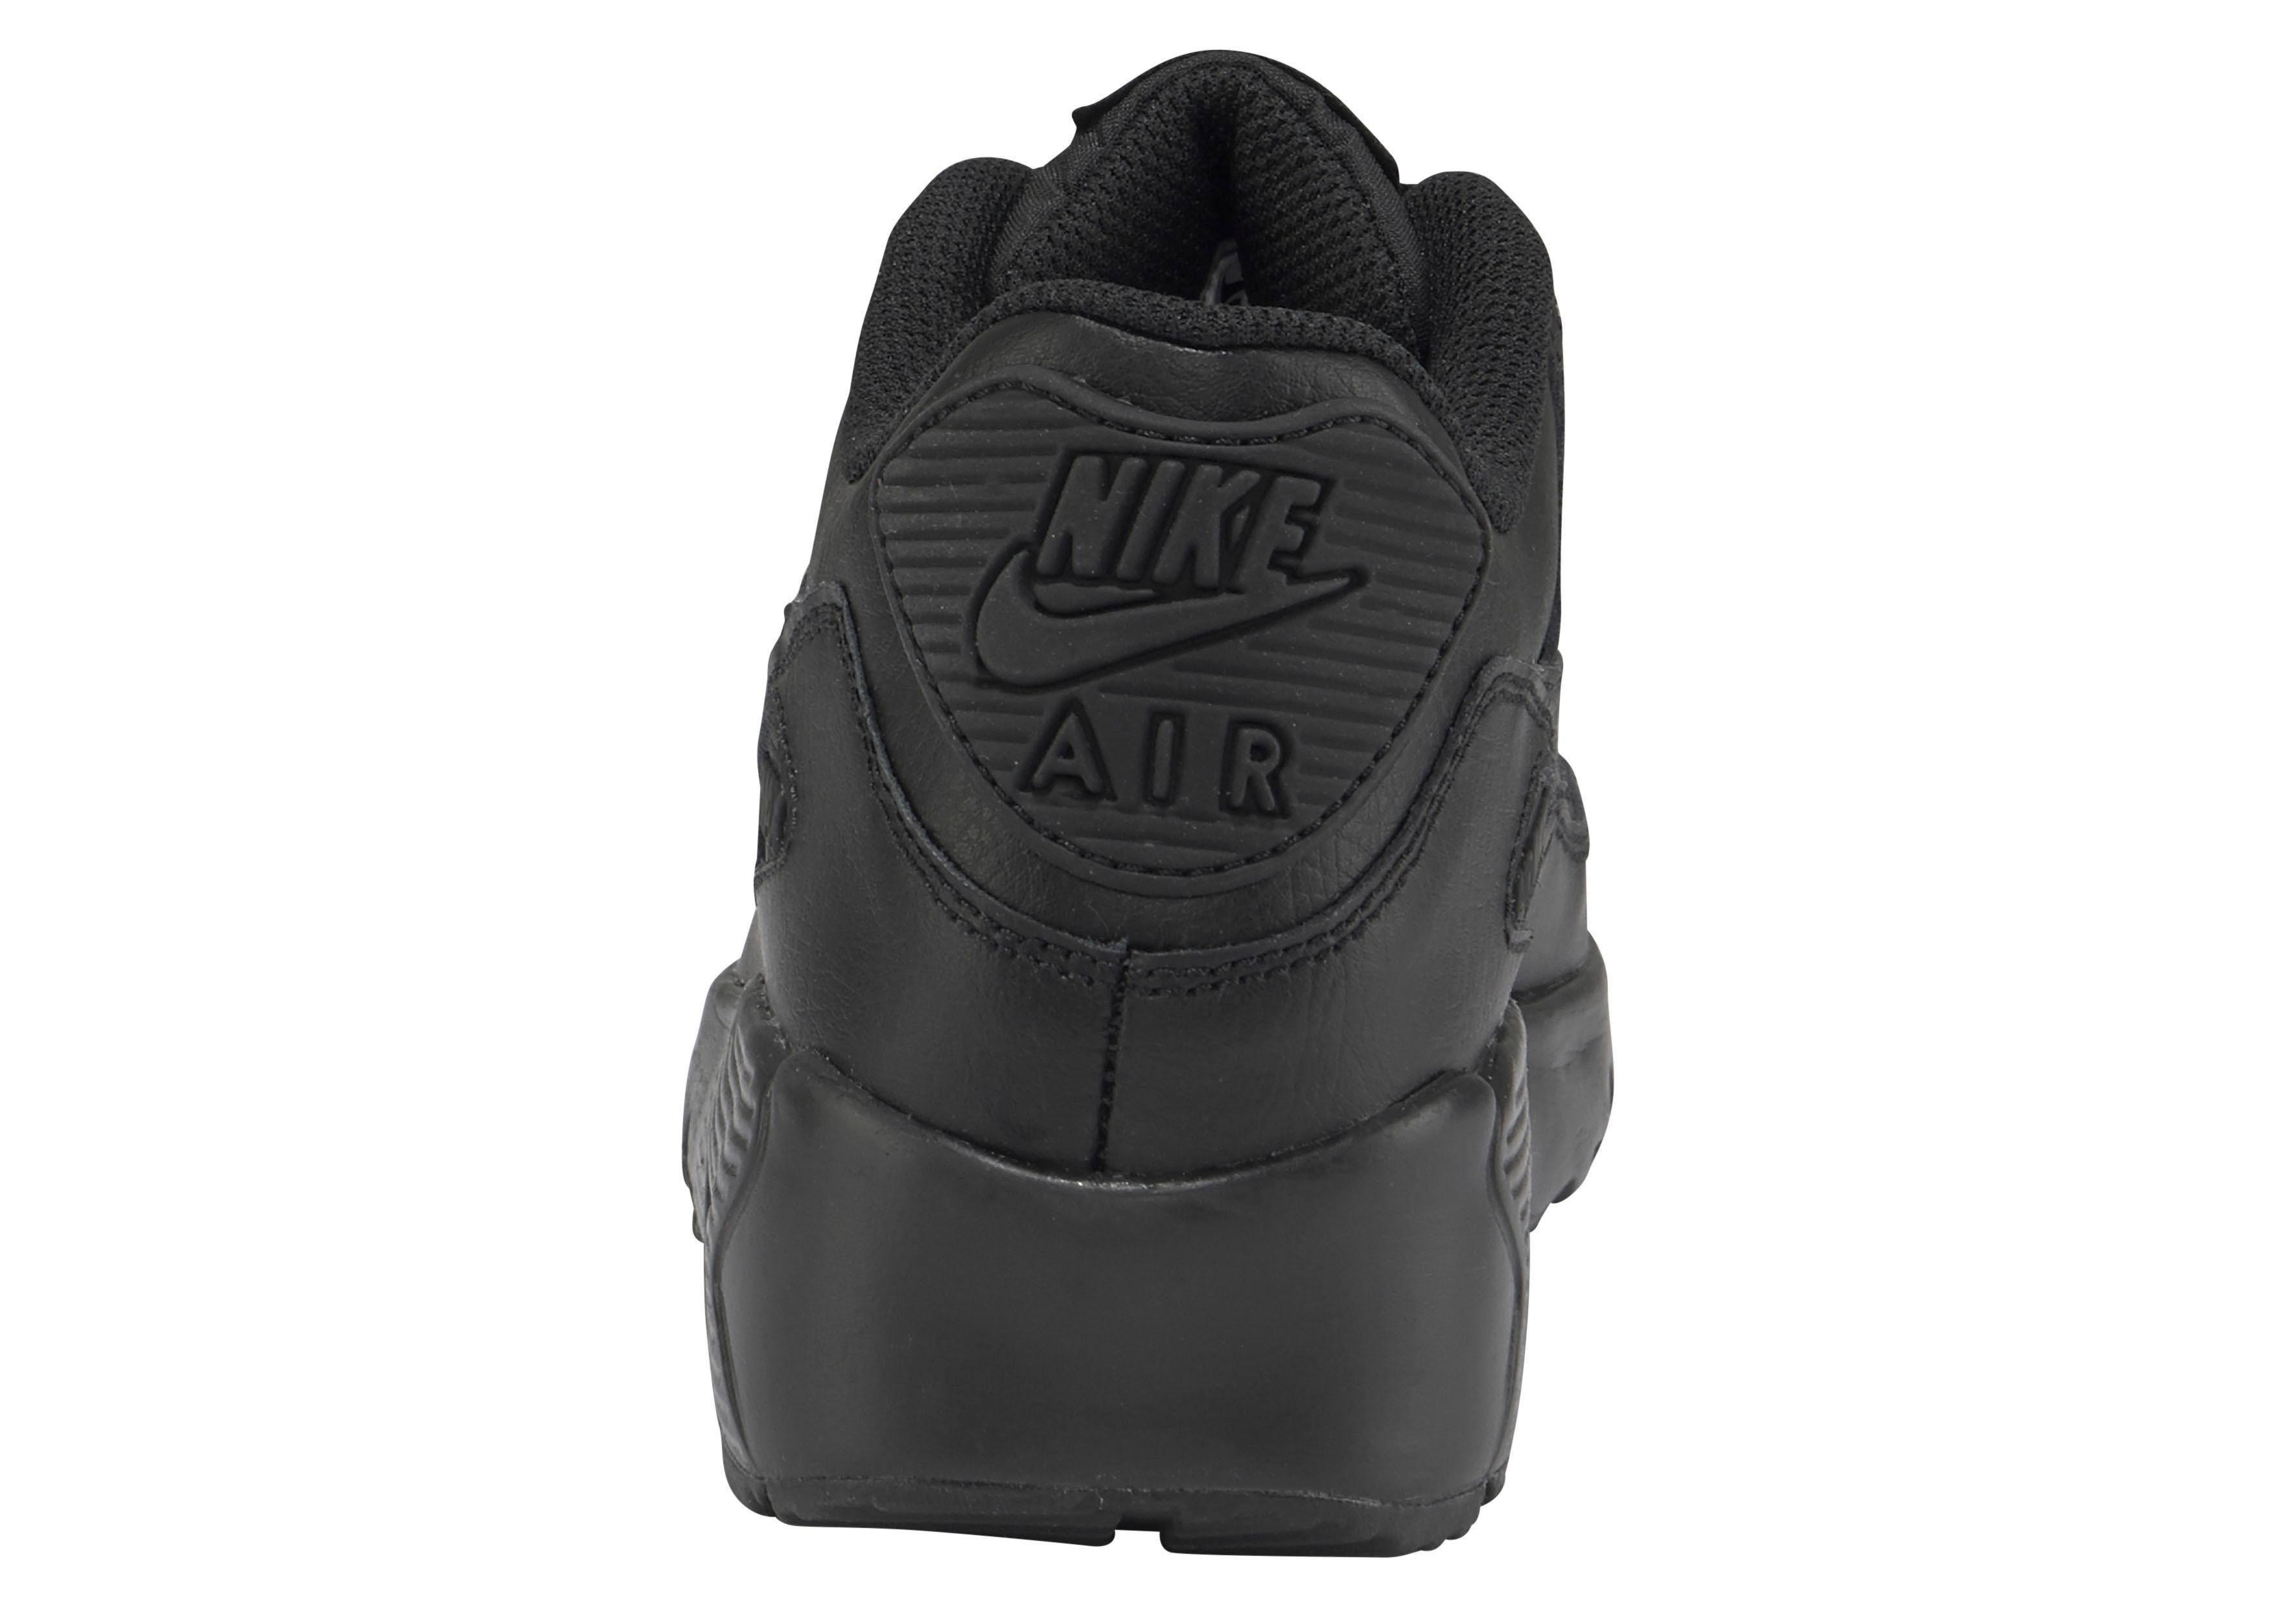 001 38 Max Sneaker Nike 90 Größe Brown Ltr Air gs wSAxqF1CFU